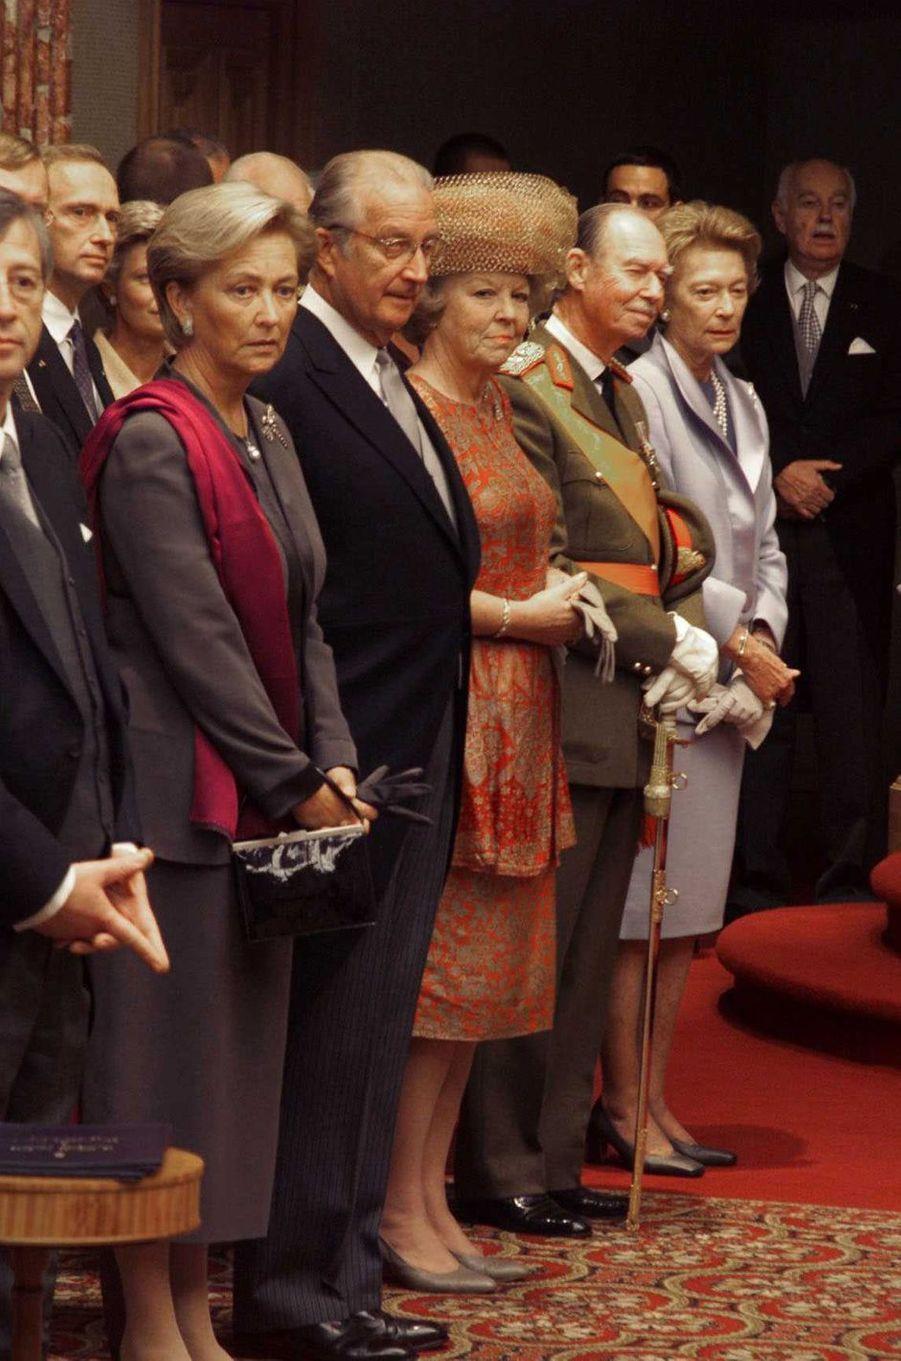 La reine Paola et le roi des Belges Albert II, la reine Beatrix des Pays-Bas, l'ex-grand-duc Jean et l'ex-grande-duchesse Joséphine-Charlotte de Luxembourg, à Luxembourg le 7 octobre 2020